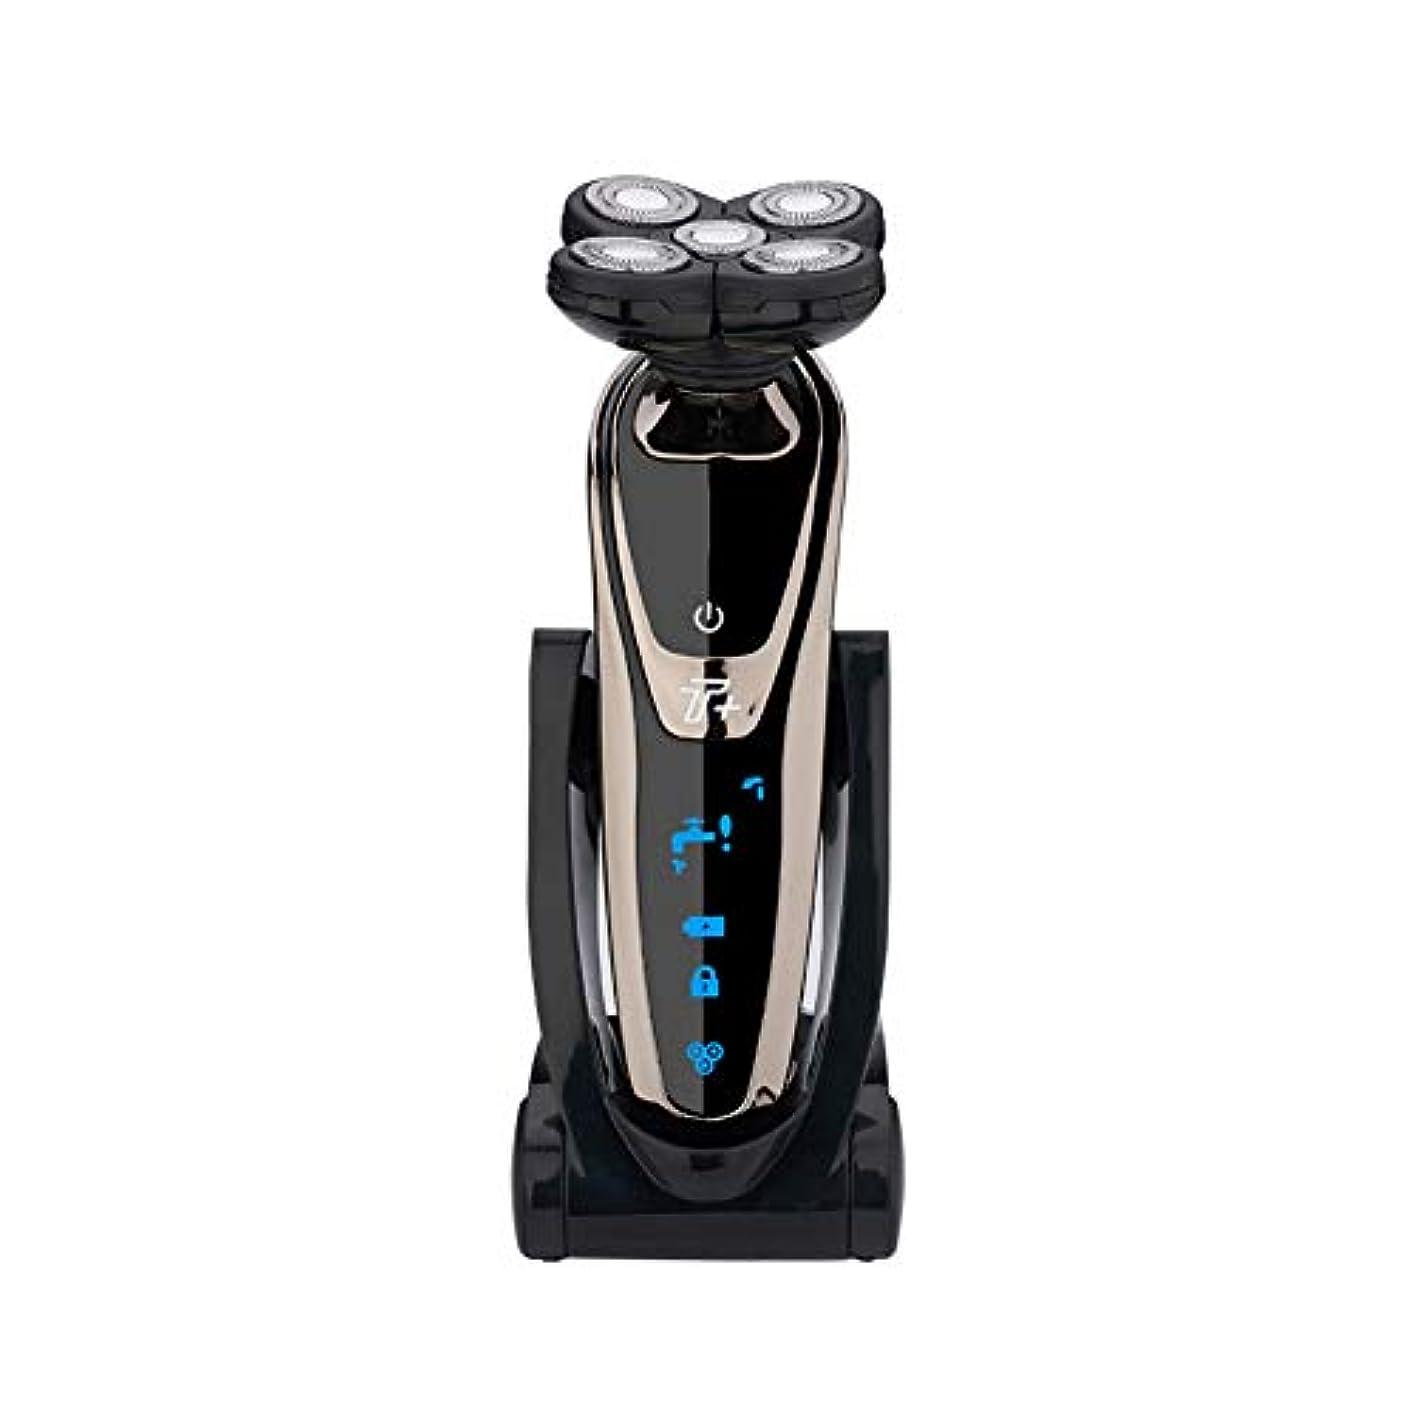 オーバーヘッド把握雄弁男性用充電式電気かみそり、2019更新バージョンウェットとドライロータリーシェーバーポップアップトリマー、Ipx7防水電気箔かみそり